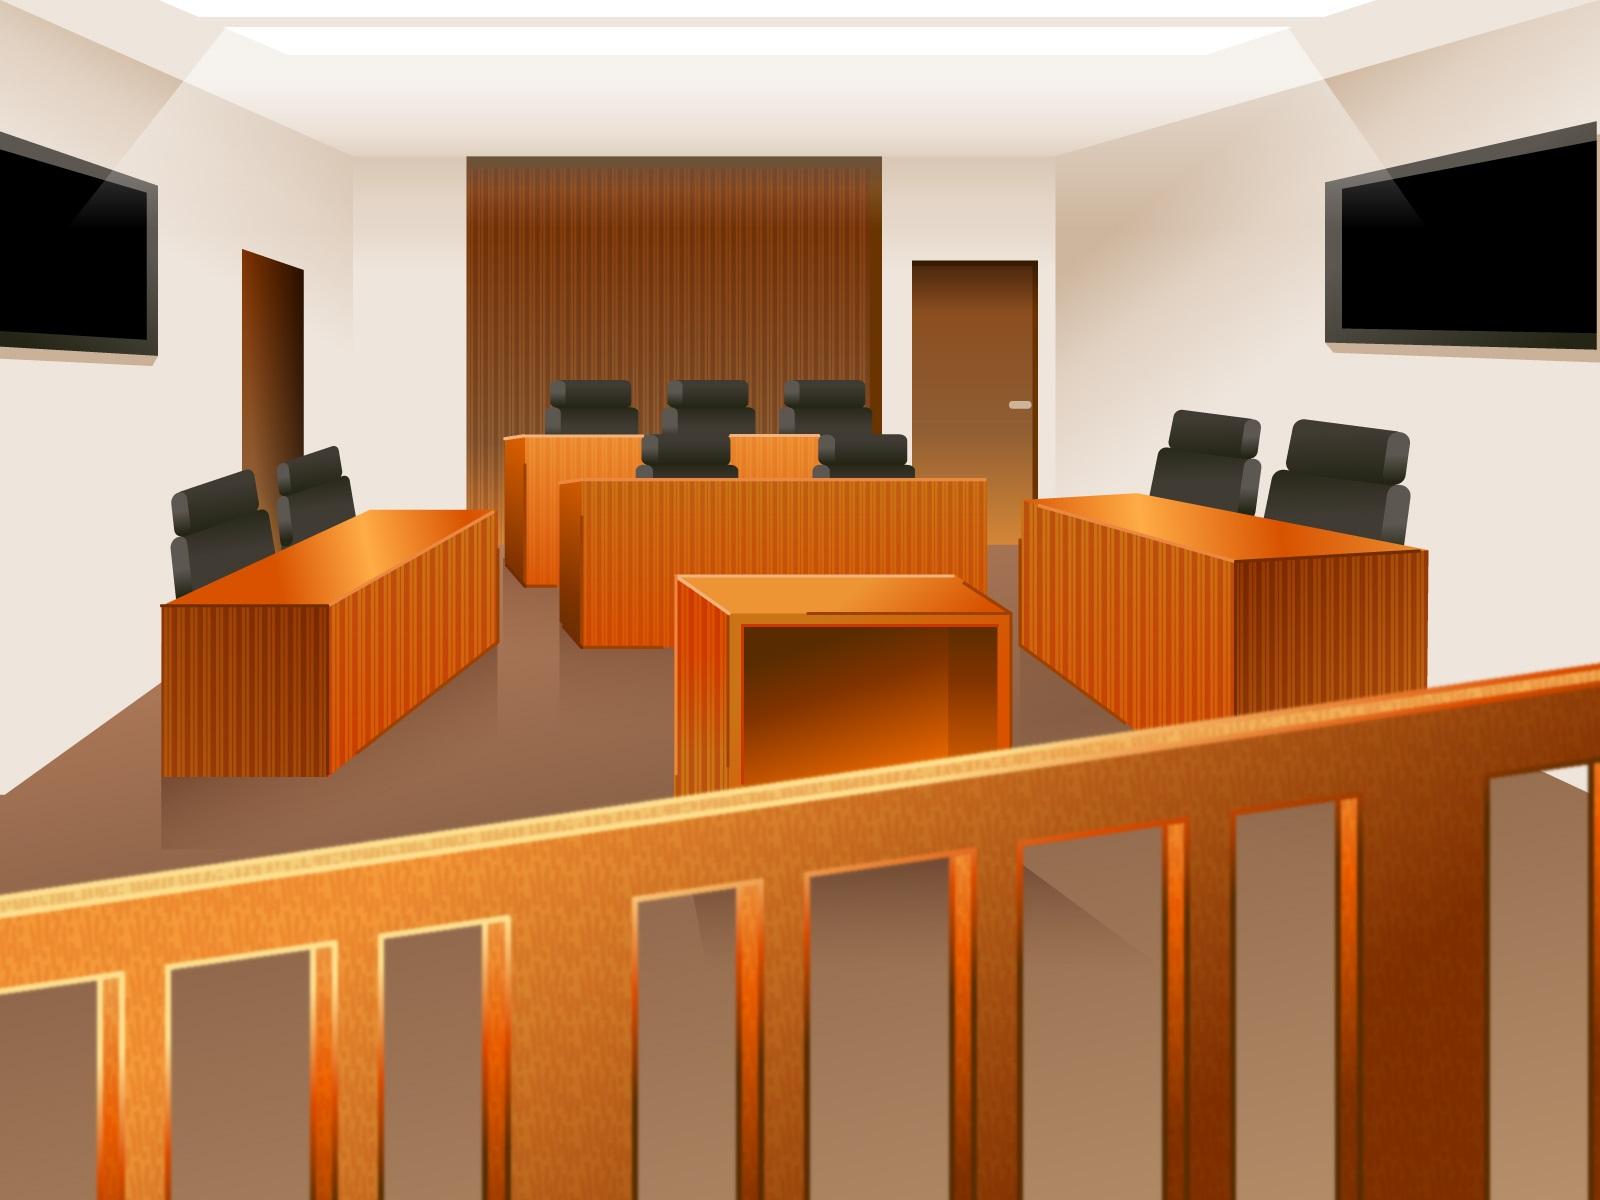 不動産取引における告知事項に関するガイドライン(案)(その2)